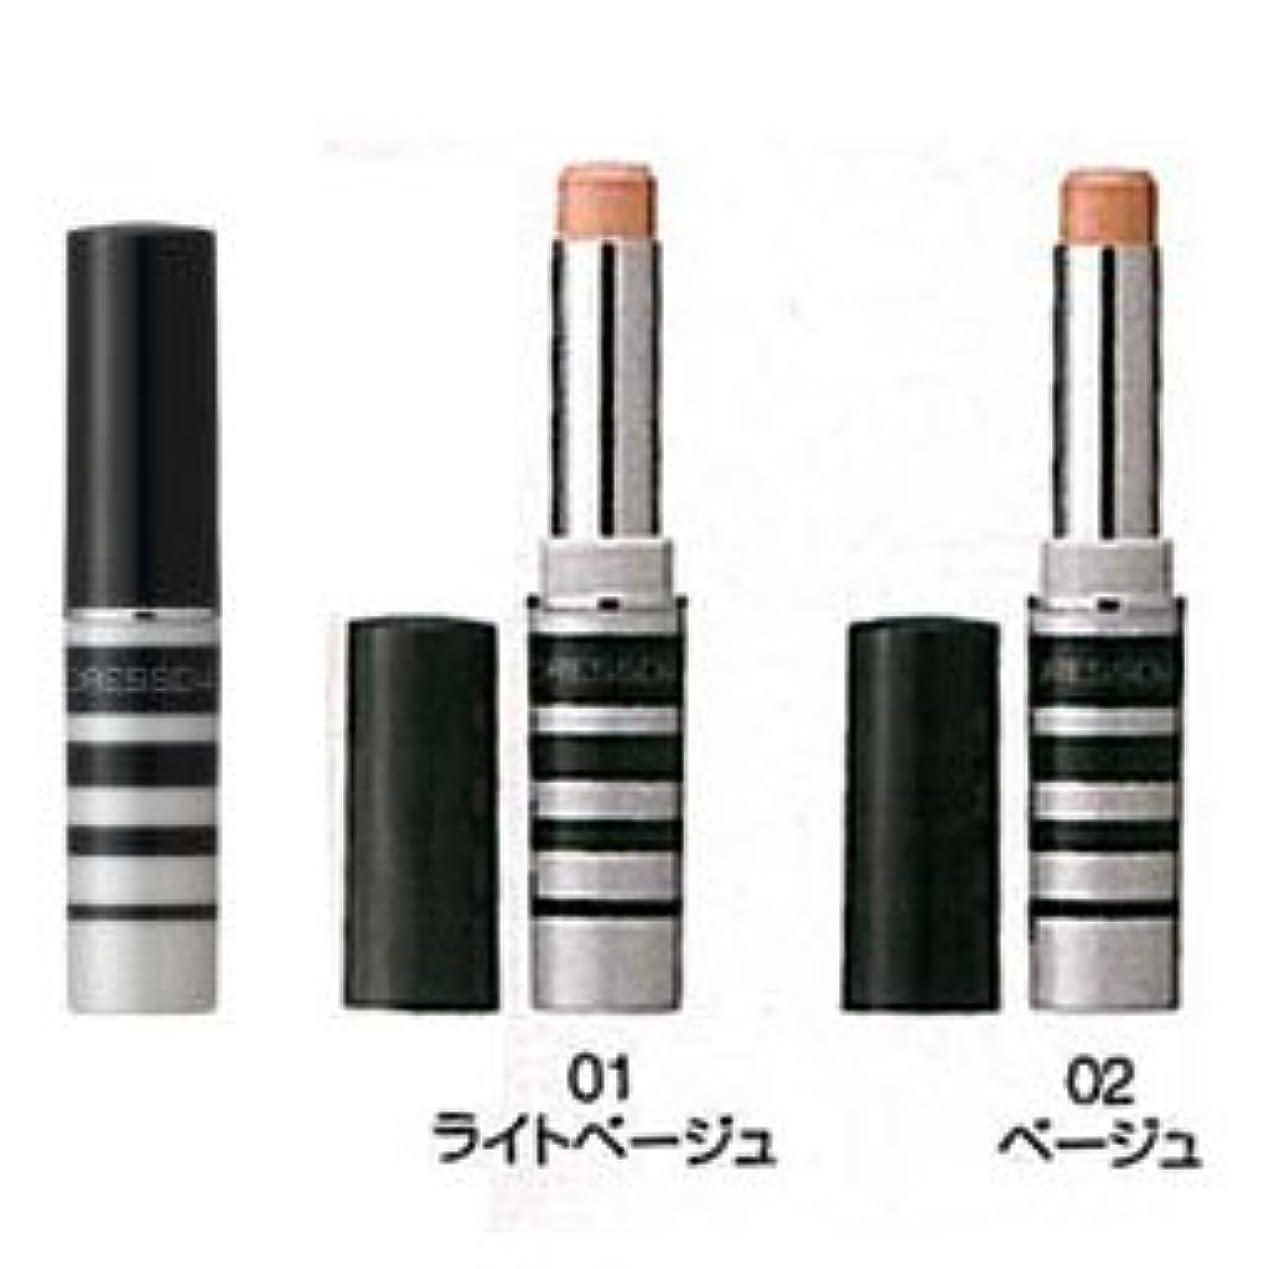 素子繰り返すリールナリス化粧品 ドレスディア パーフェクトカバーコンシーラー 01 ライトベージュ